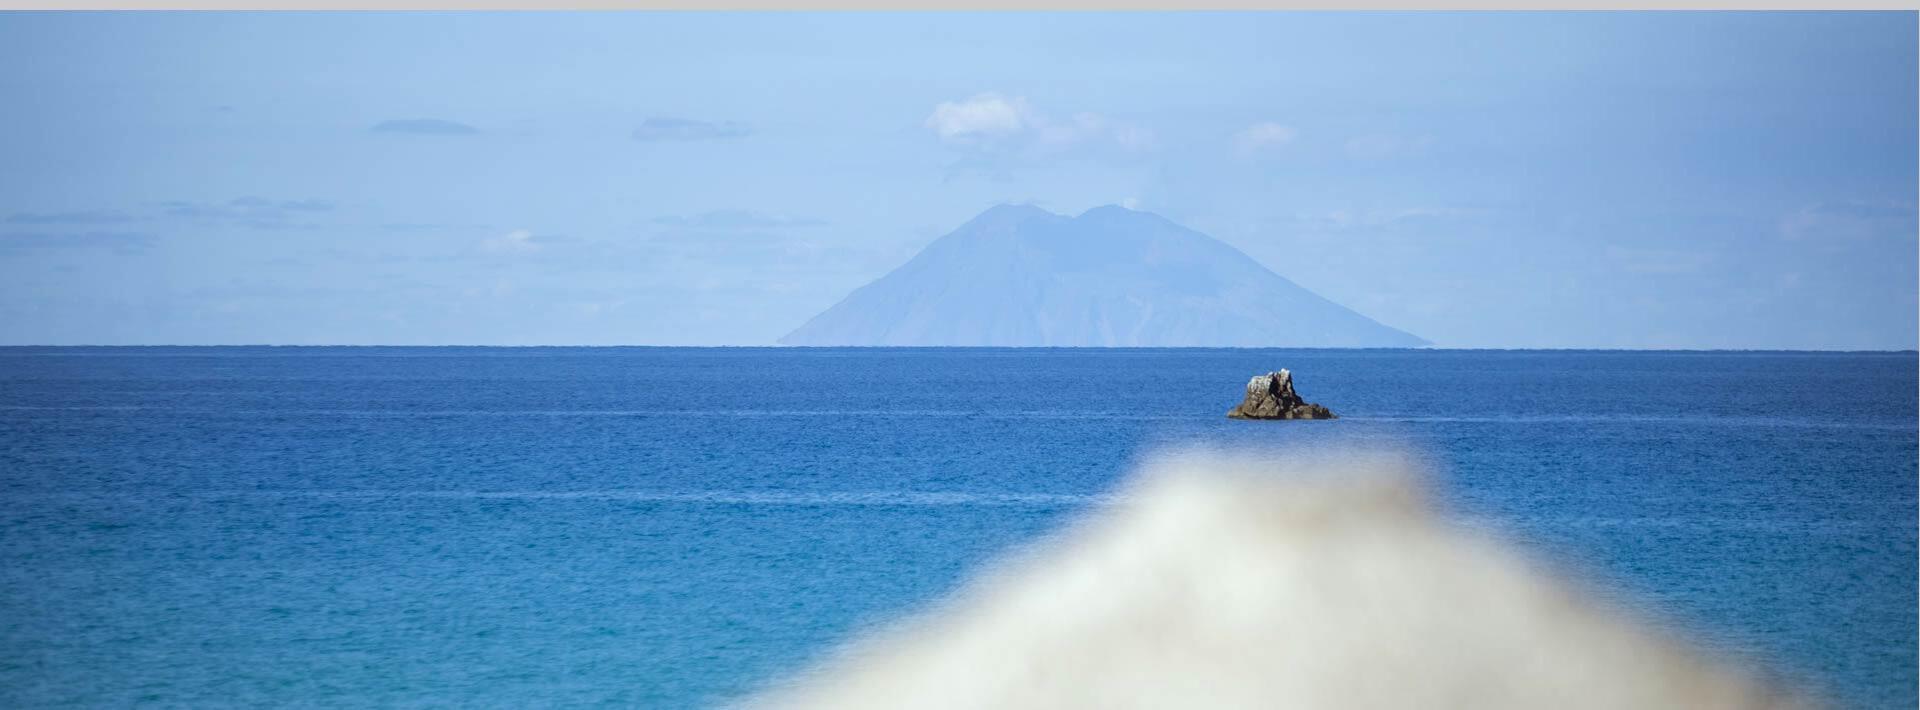 villaggioilgabbiano en seaside-holiday-village-in-calabria 011